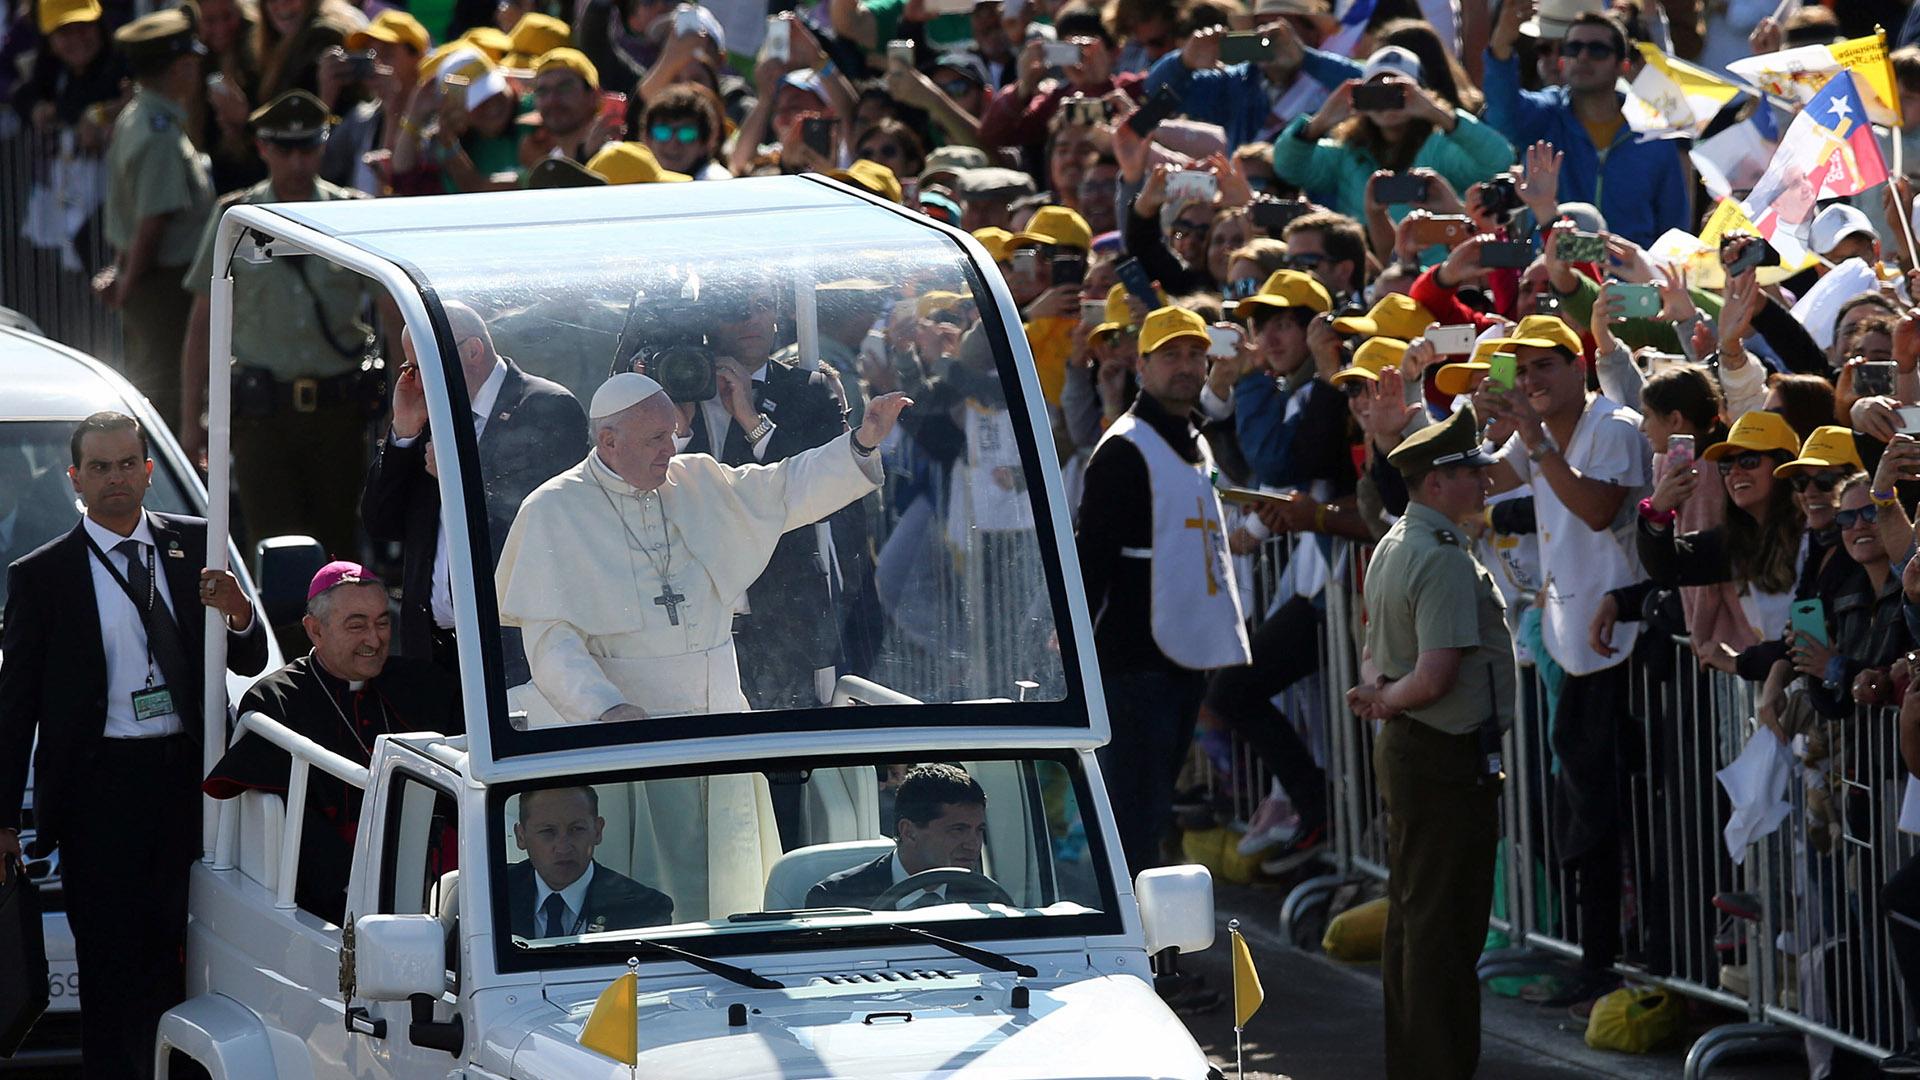 """El Sumo Pontífice comenzó su homilía diciendo """"Mari Mari"""" (buenos días), en mapundungun, la lengua de los mapuches. Y completó: """"Küme tünngün ta niemün"""" (""""la paz esté con ustedes"""")"""